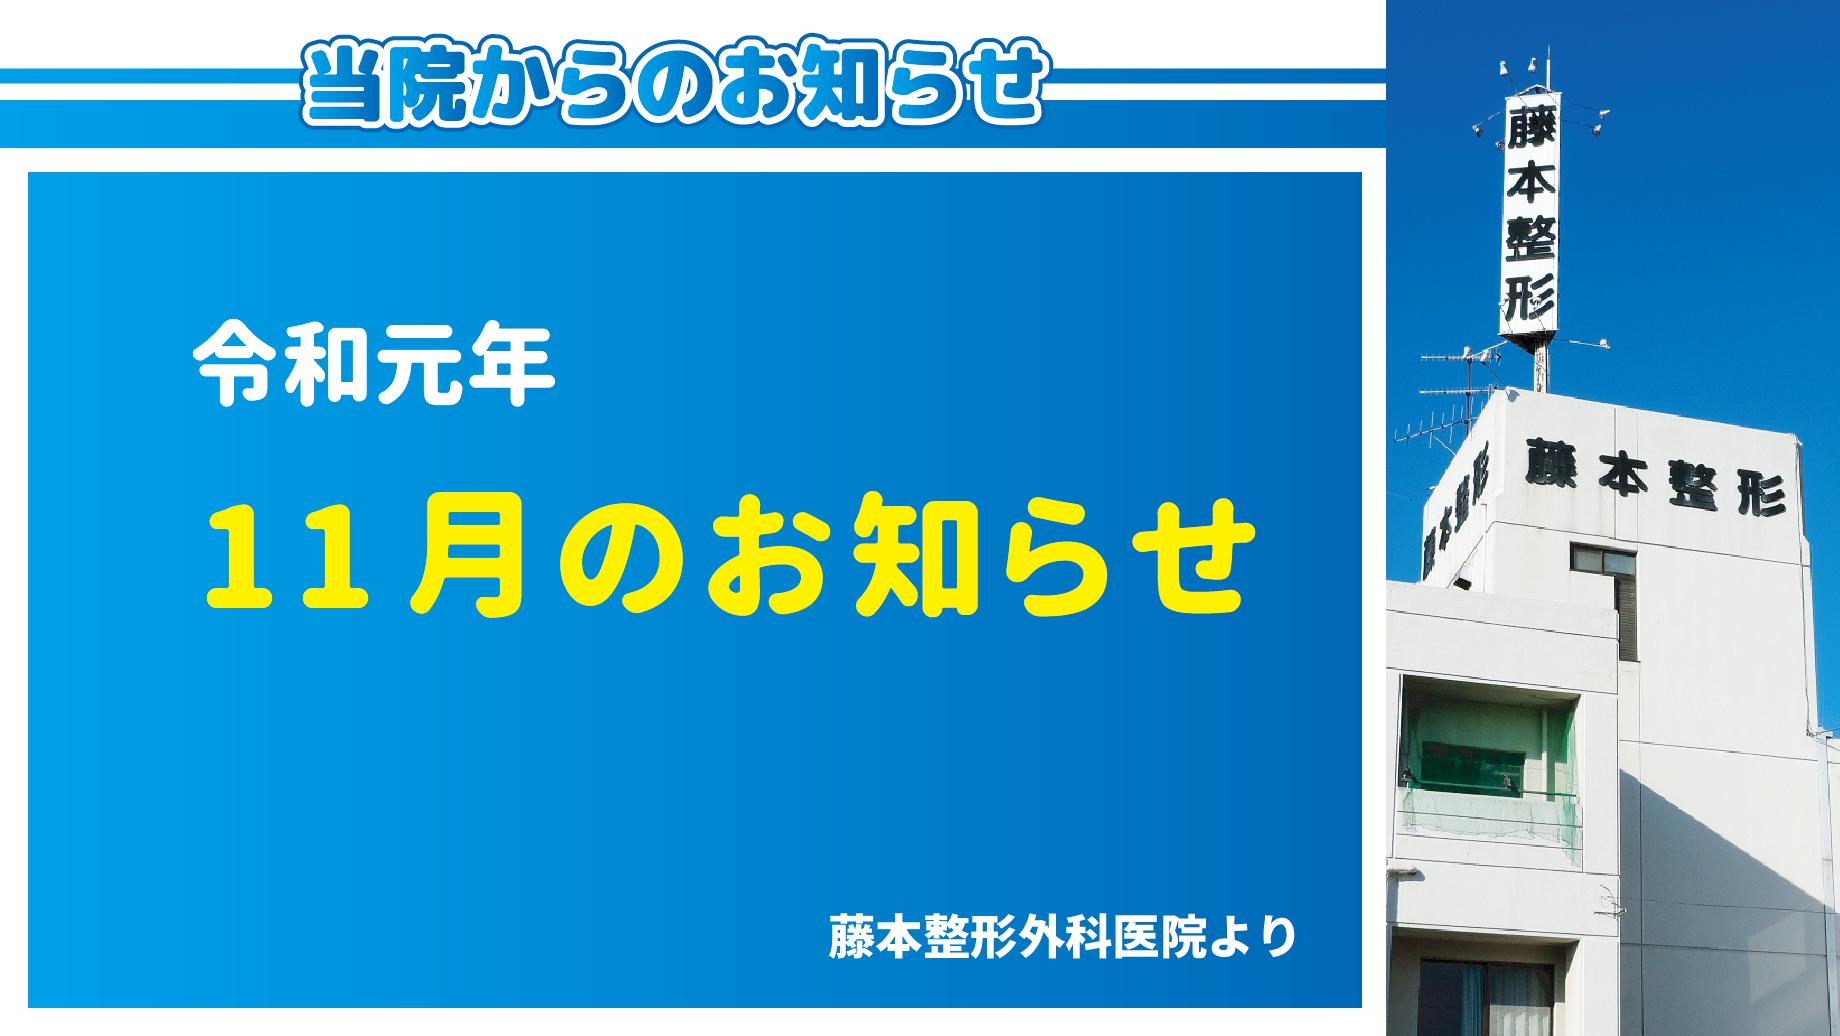 令和元年11月のお知らせ(大分の藤本整形外科医院より)